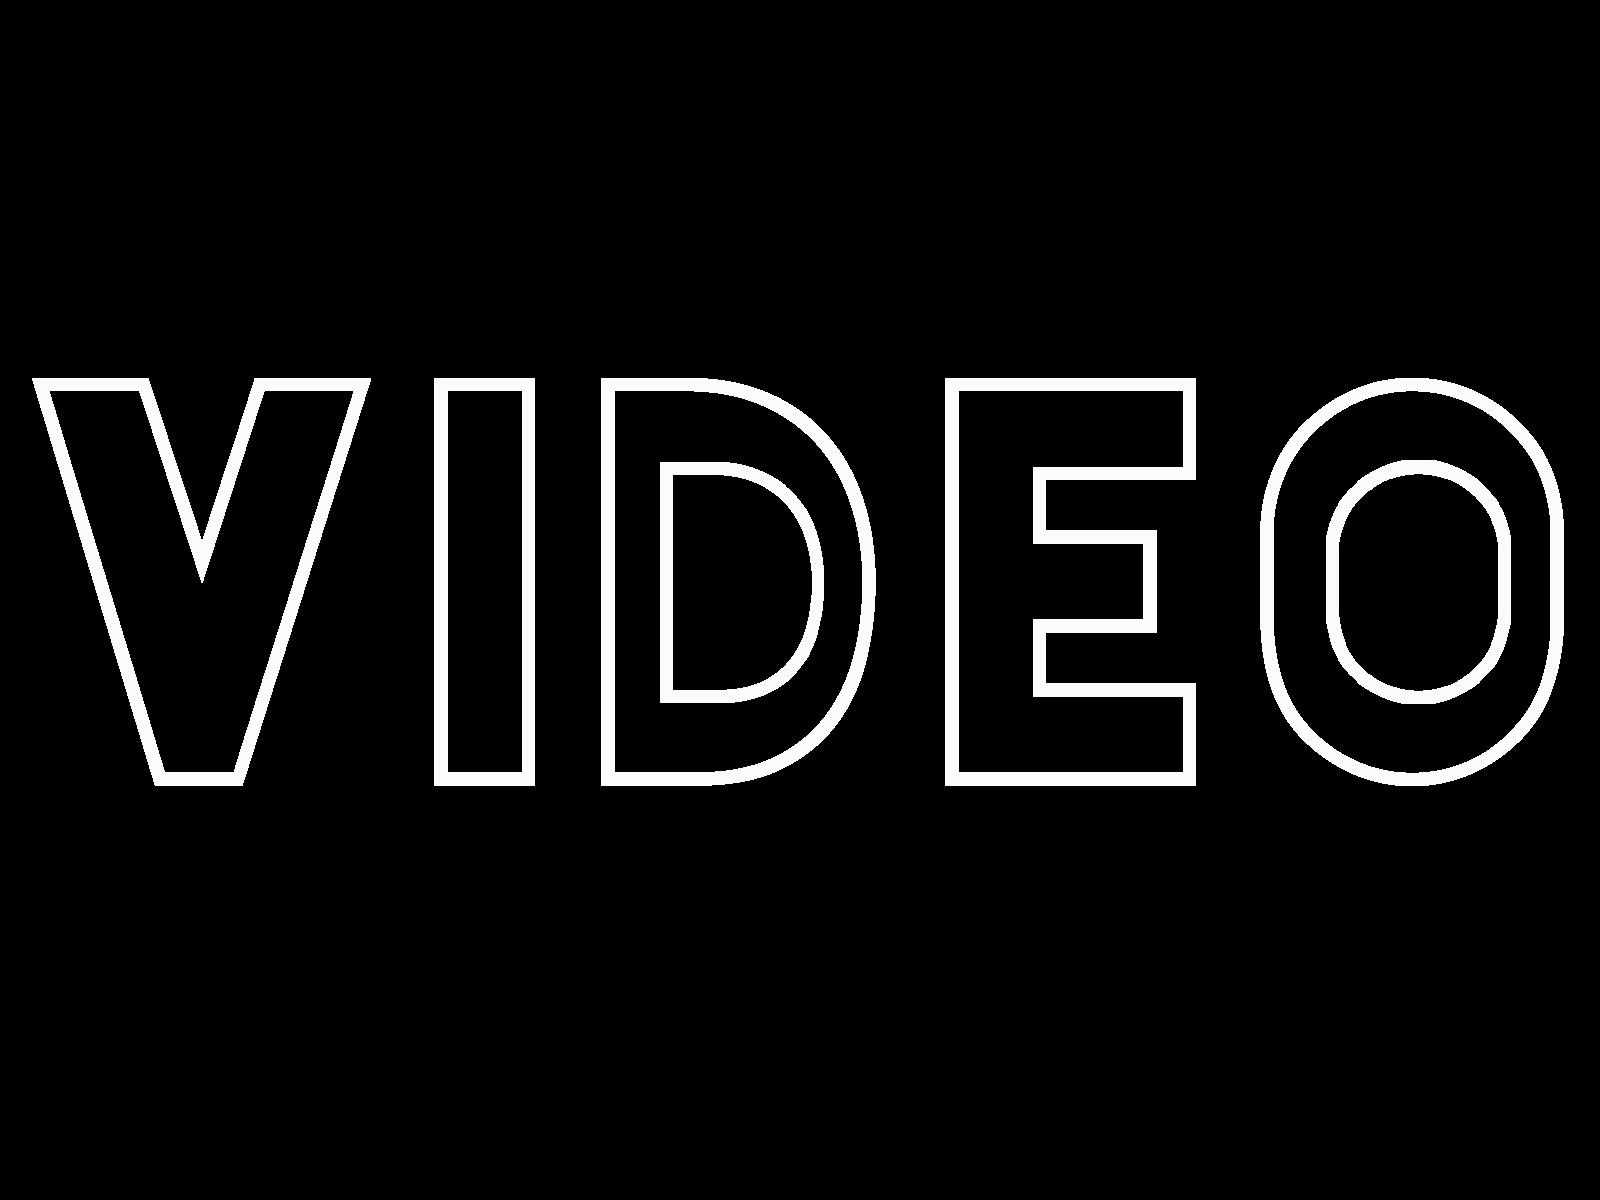 typo_video